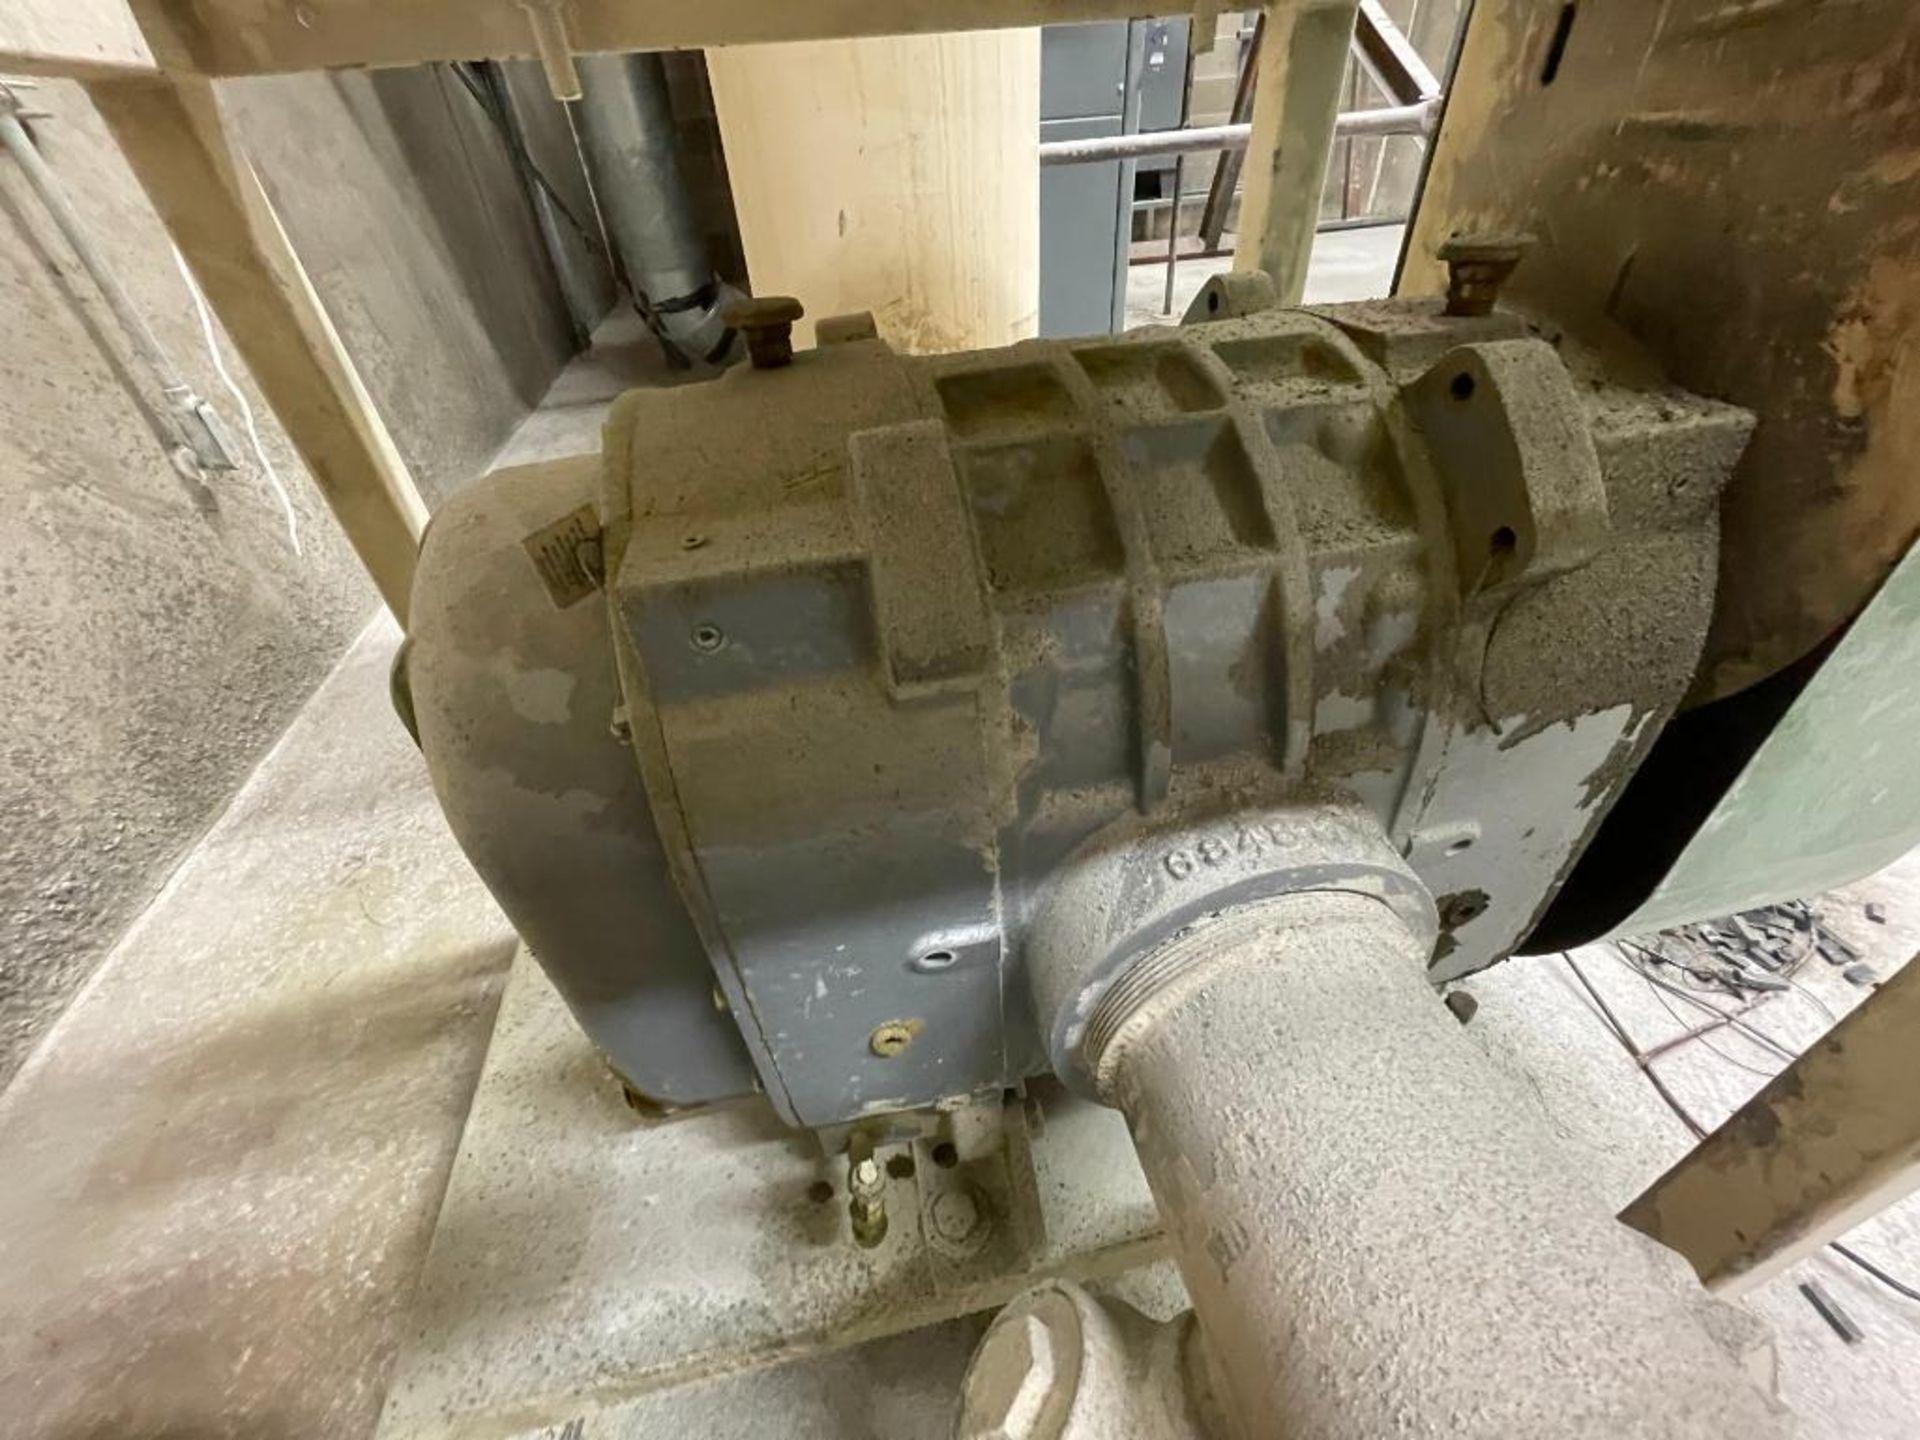 Gardner Denver rotary positive blower - Image 11 of 33